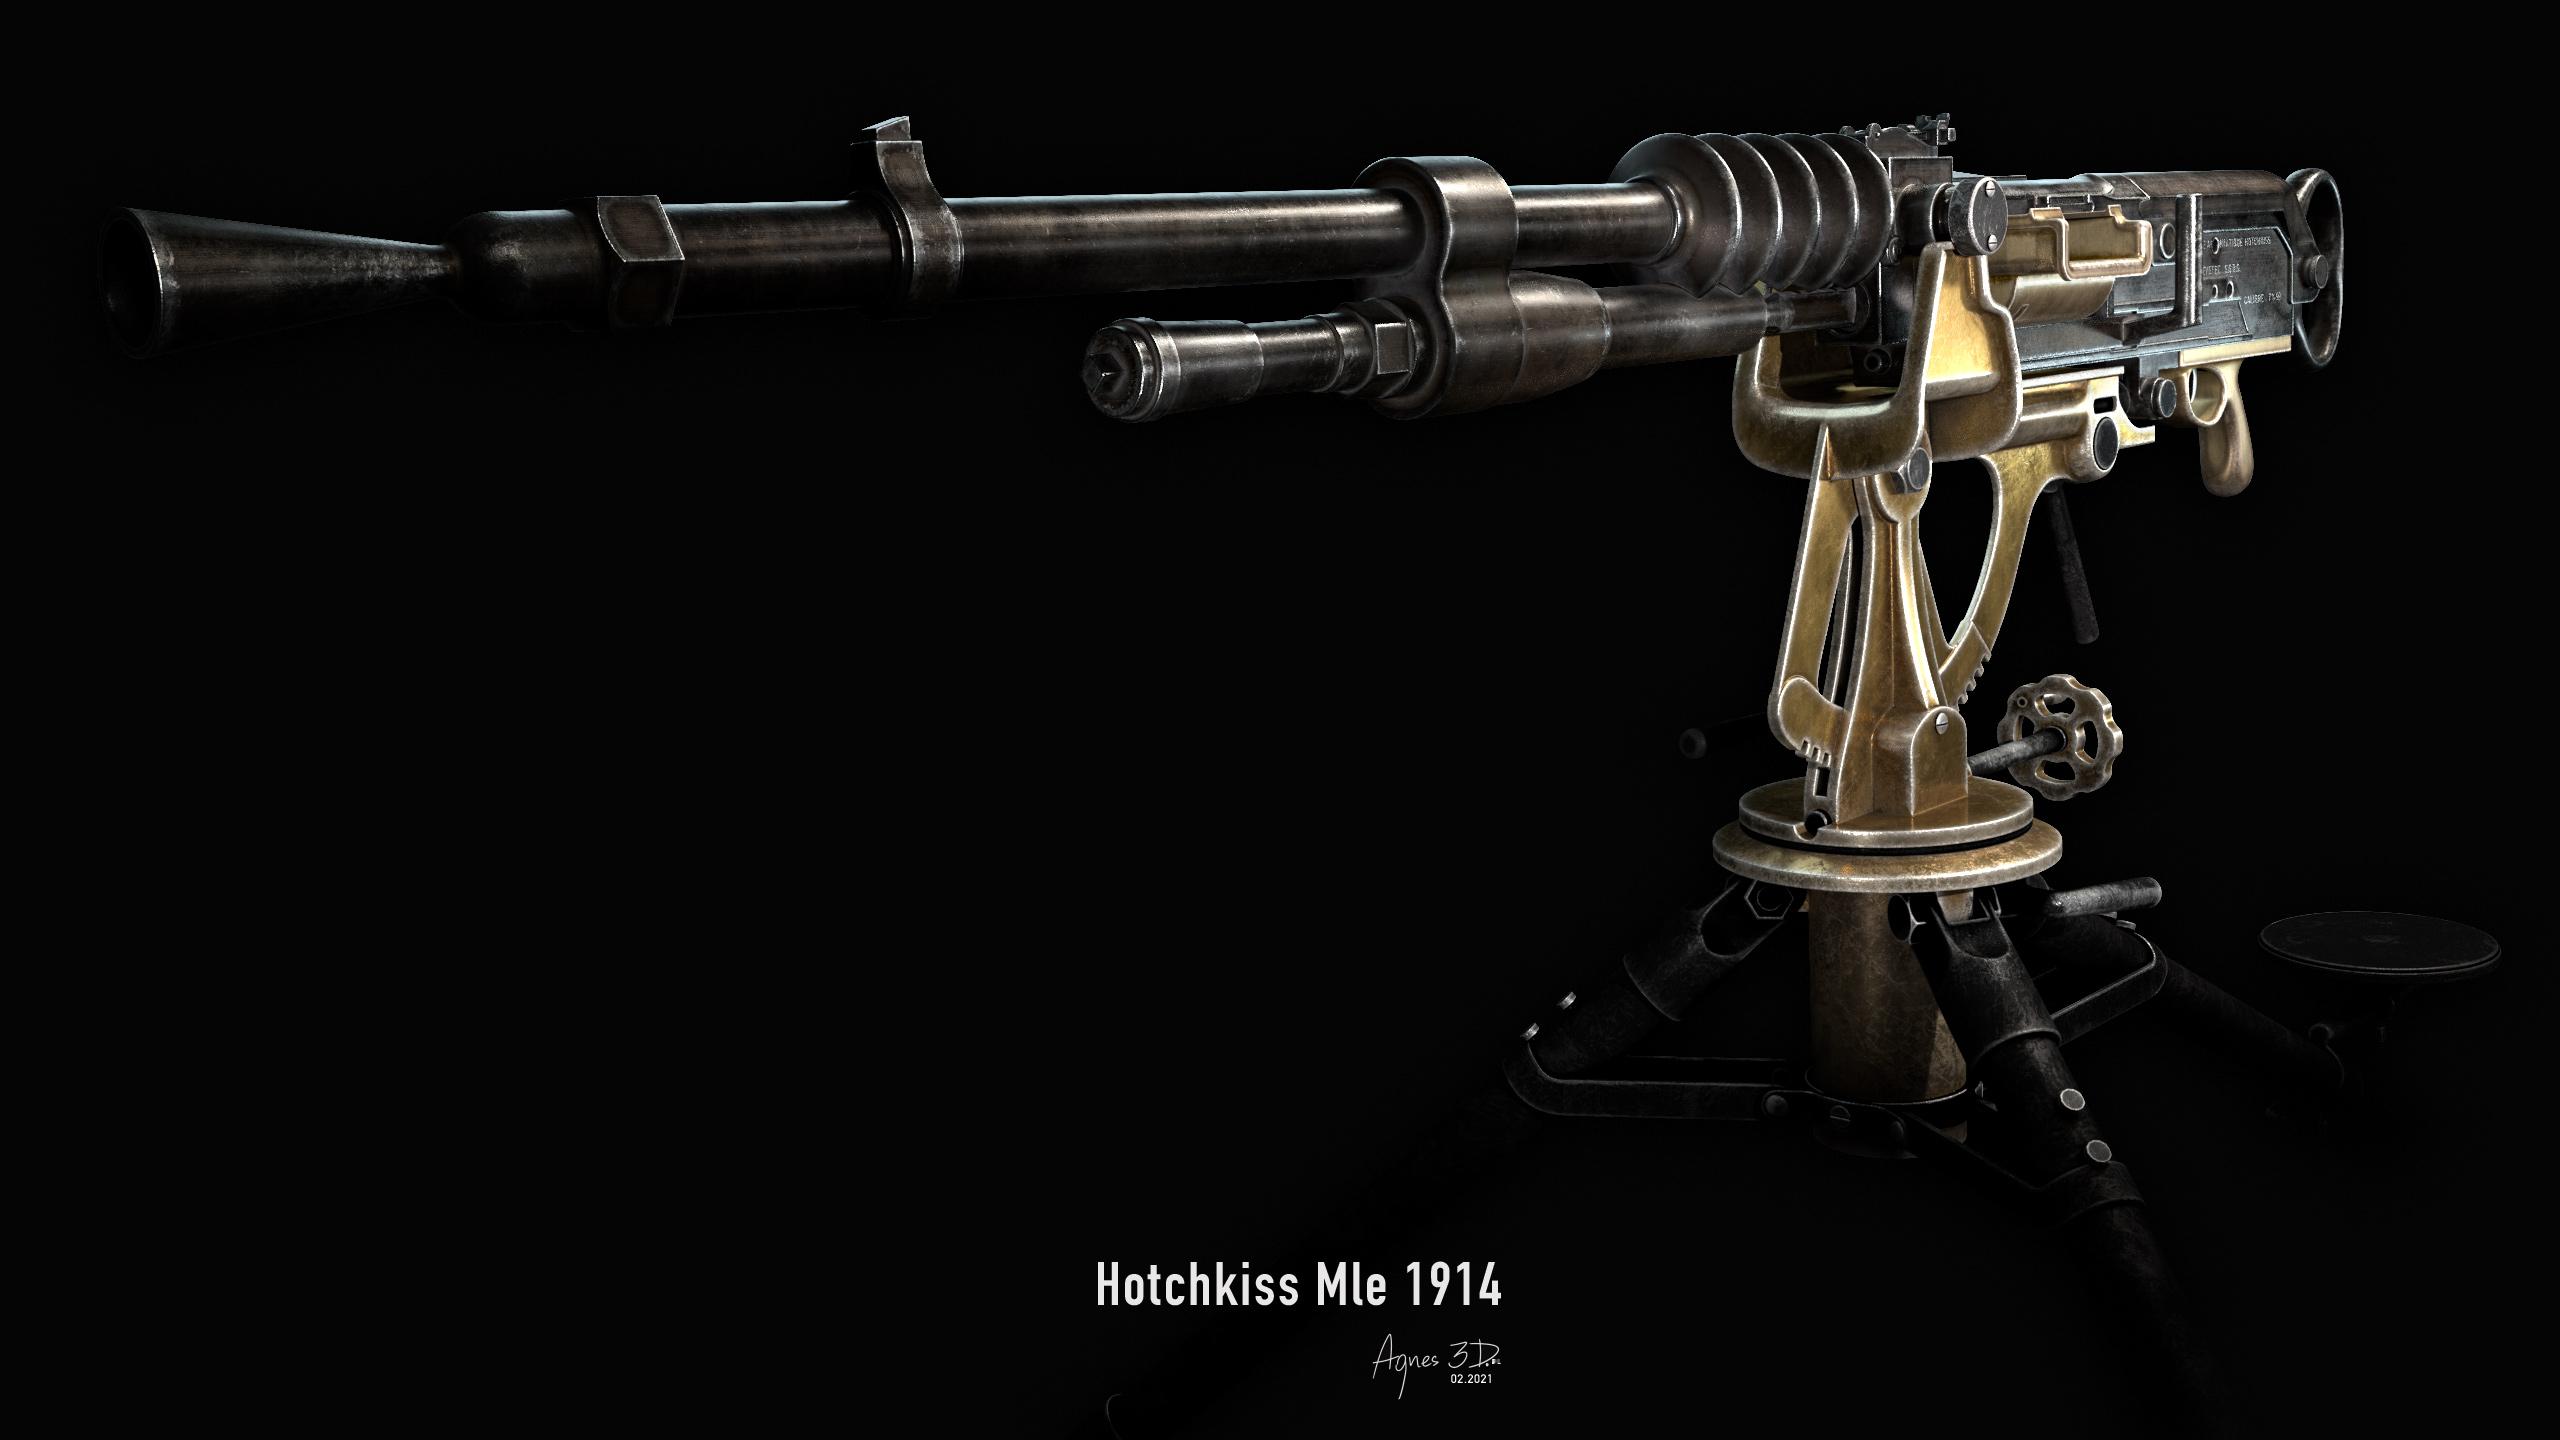 Hotchkiss MLE 1914 gun